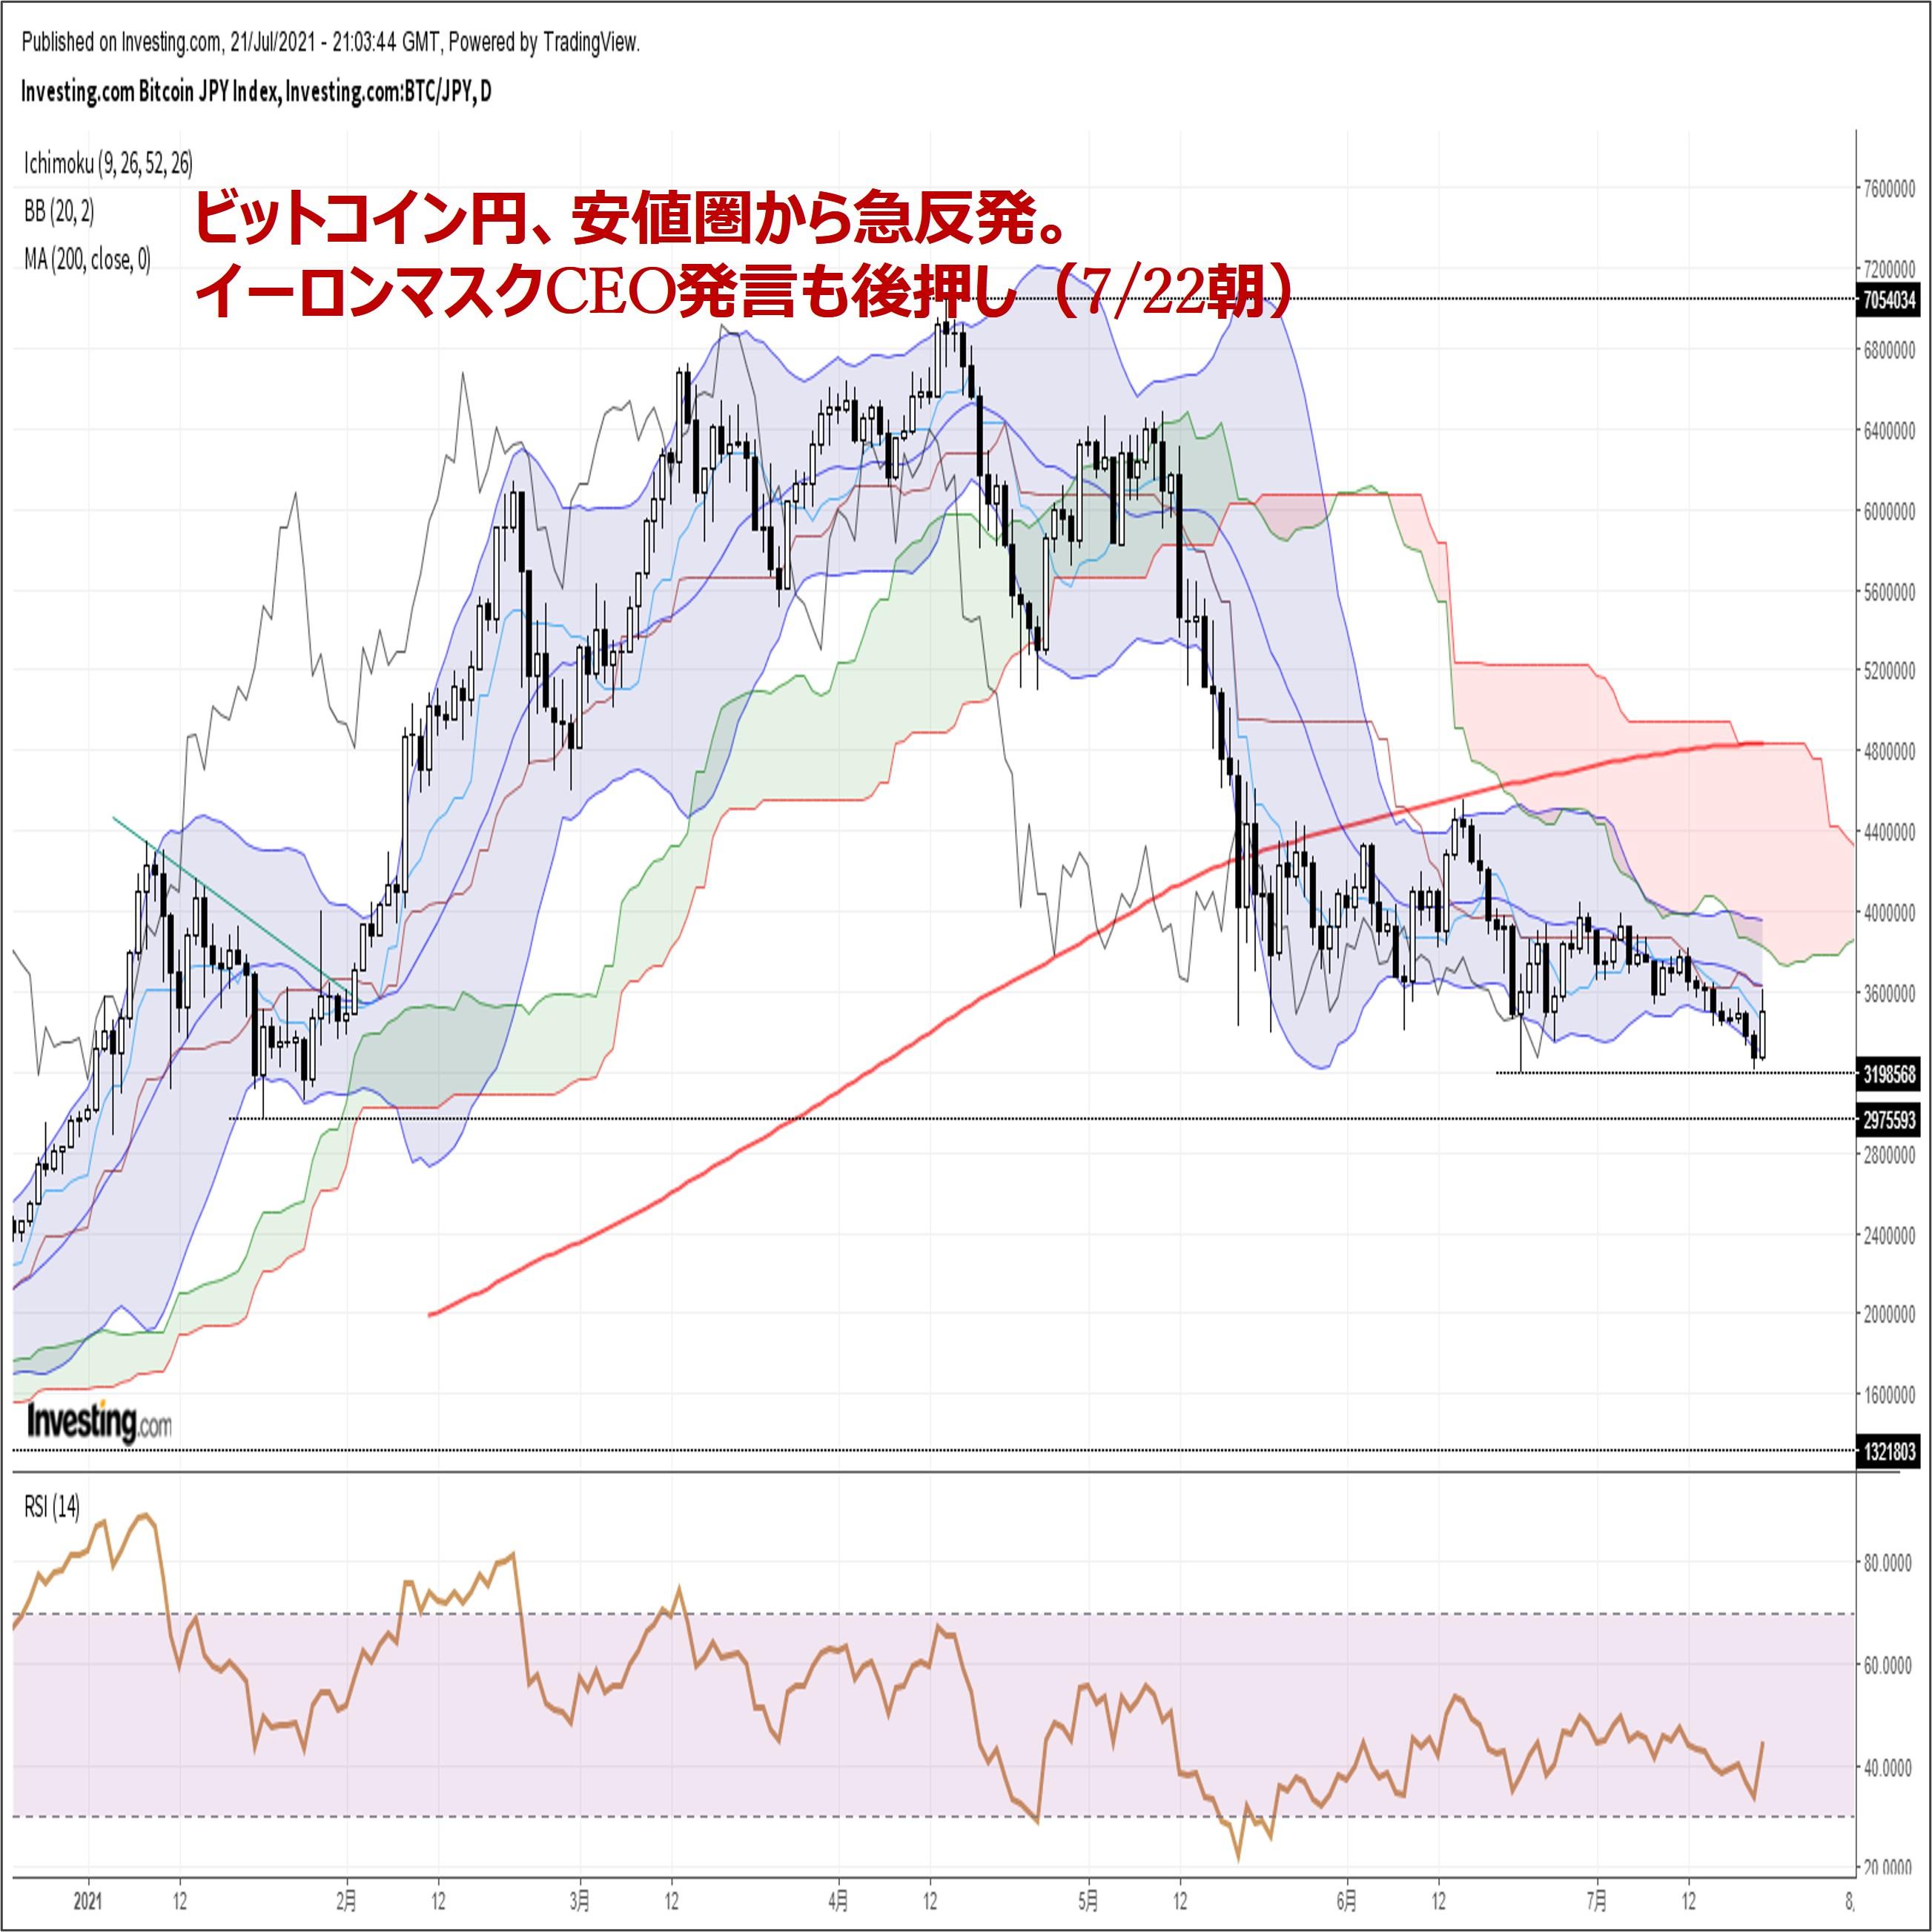 ビットコイン円、安値圏から急反発。イーロンマスクCEO発言も後押し